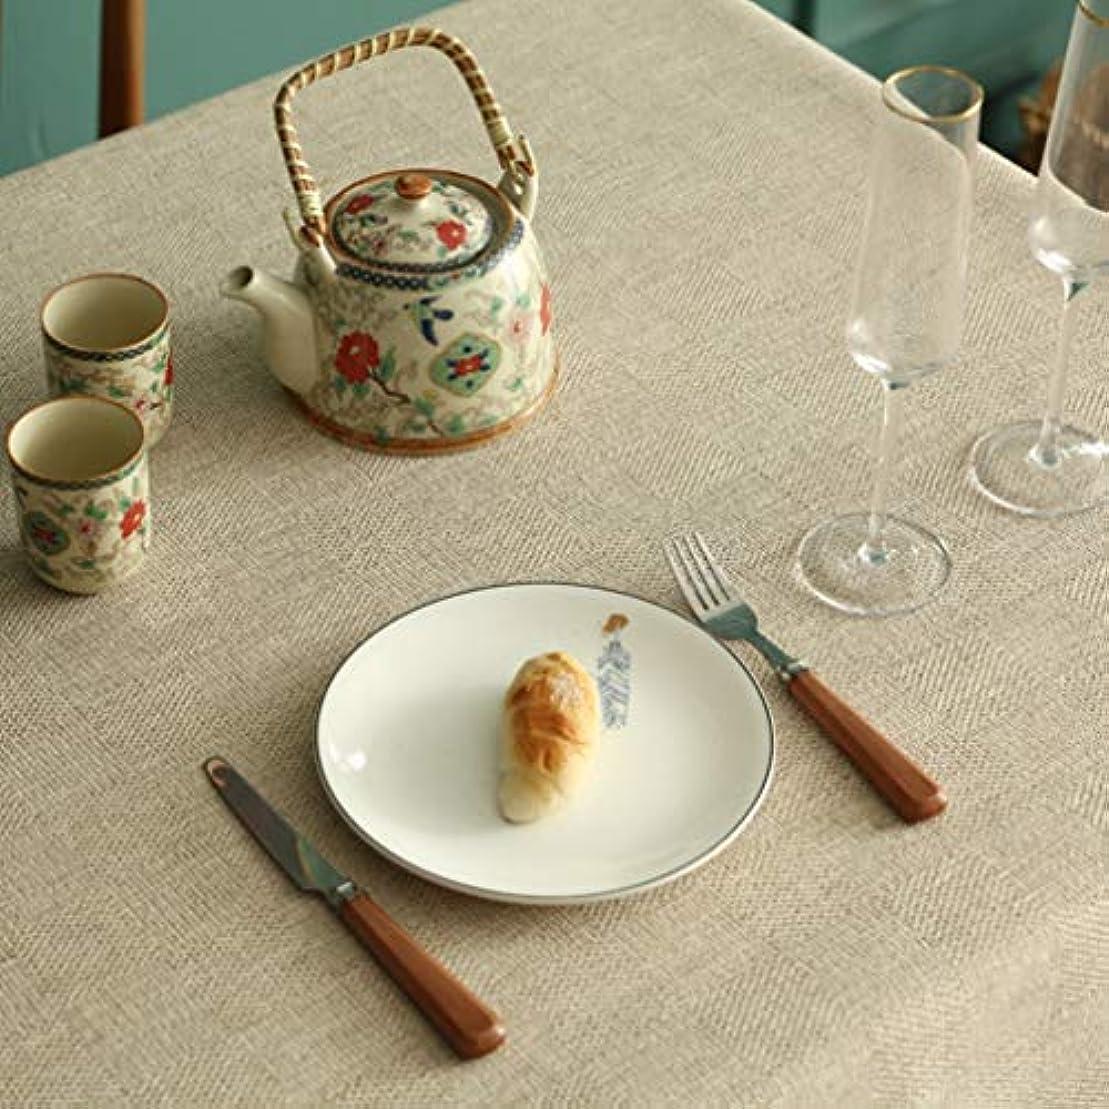 類人猿年齢独特のテーブルクロス カーキ 90×150cm 綿麻生地 四季用 耐熱 耐久性 防塵 水洗い 滑り止め 長方形 簡約 新築お祝い 贈り物 テーブルカバー 食卓カバー